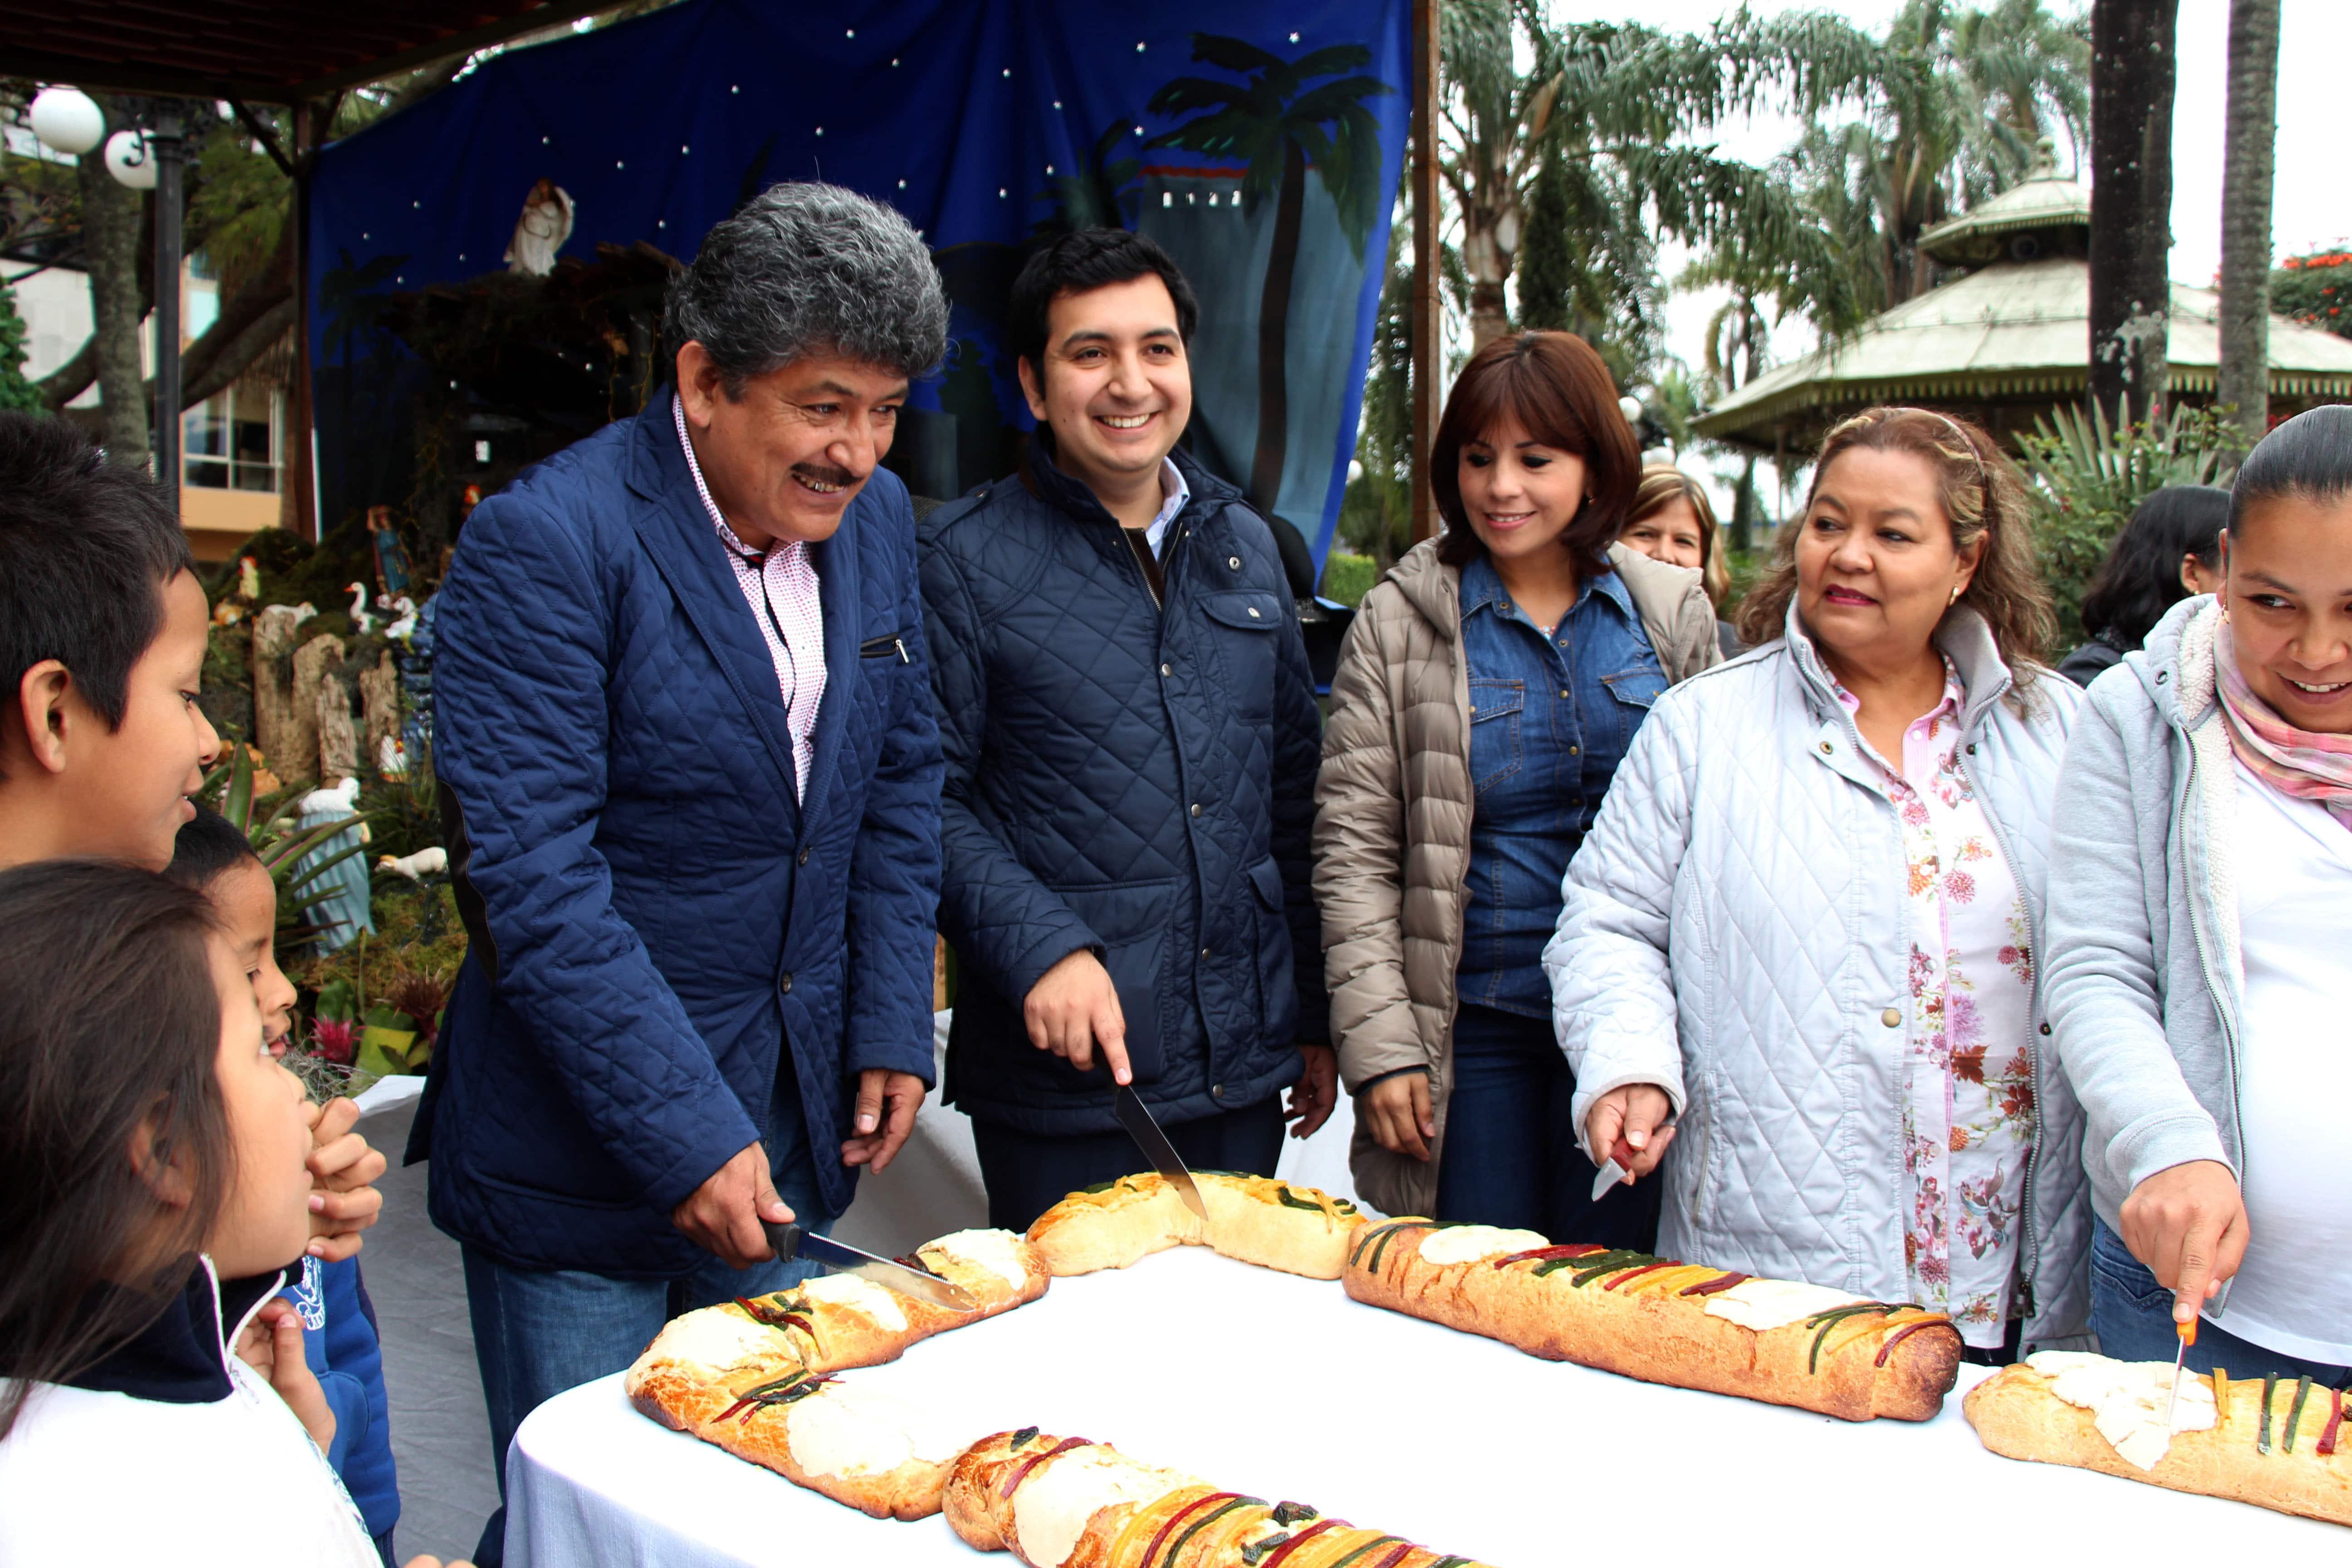 Partido de la rosca en el parque Hidalgo